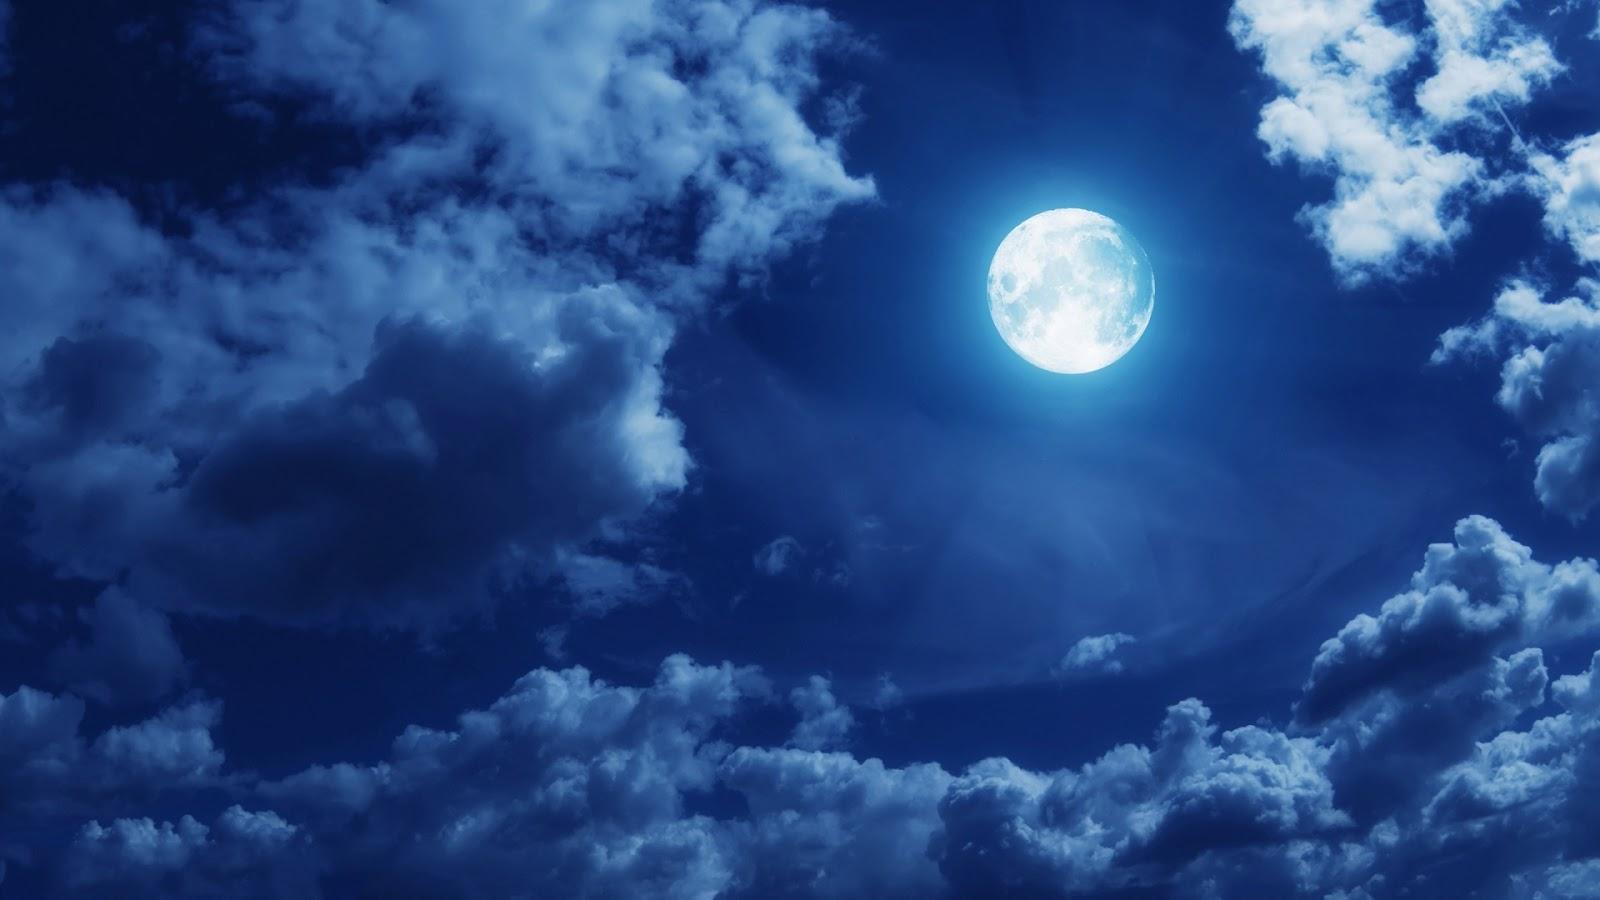 http://2.bp.blogspot.com/-pbrDYPpzHWQ/UMGrC4t0WFI/AAAAAAAAJes/RSmmhUi4cgM/s1600/clouds-full-moon.jpg